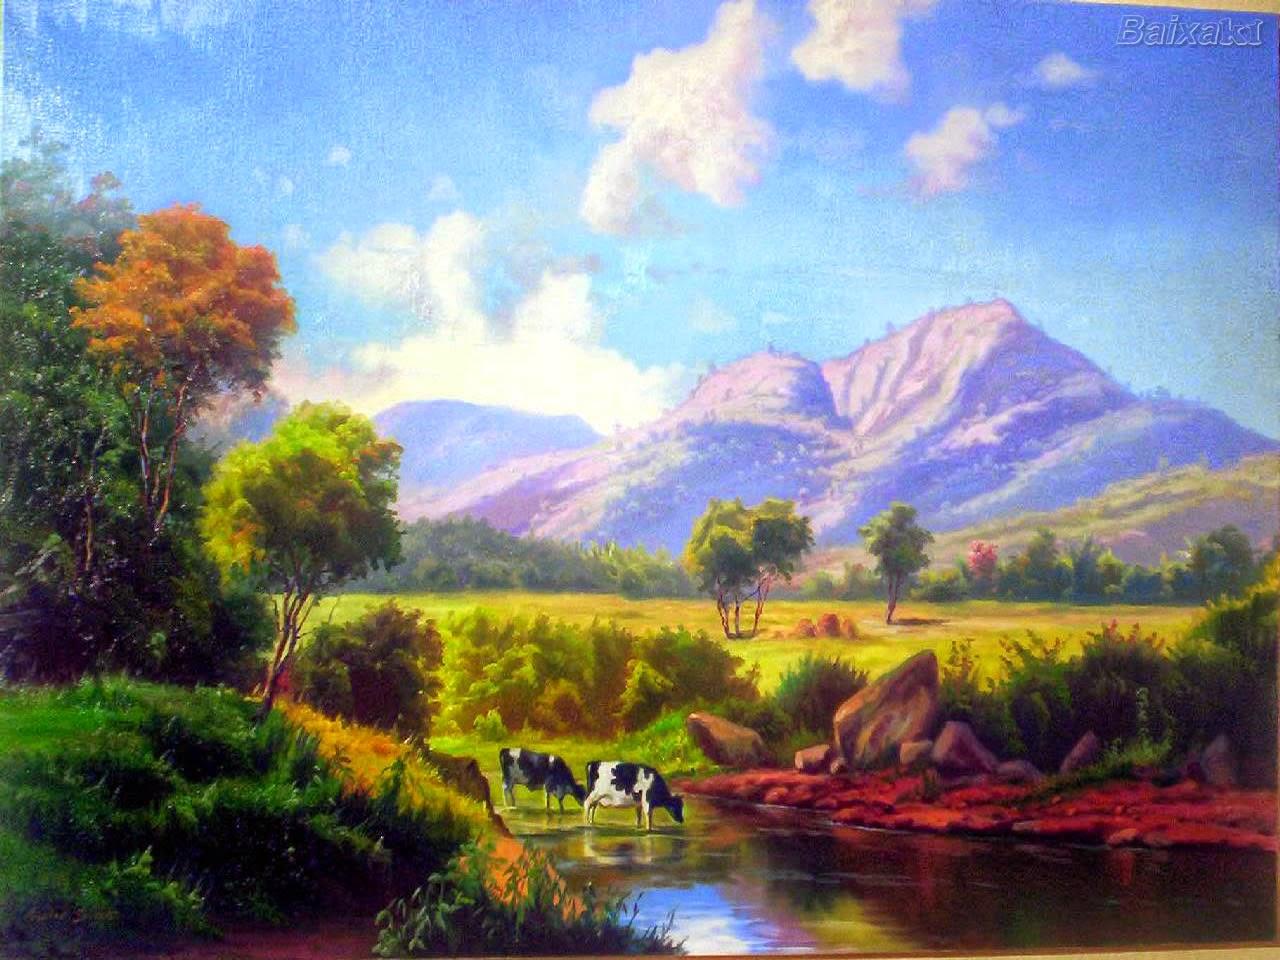 #Pintura, História, Materiais e Técnicas de Pintura